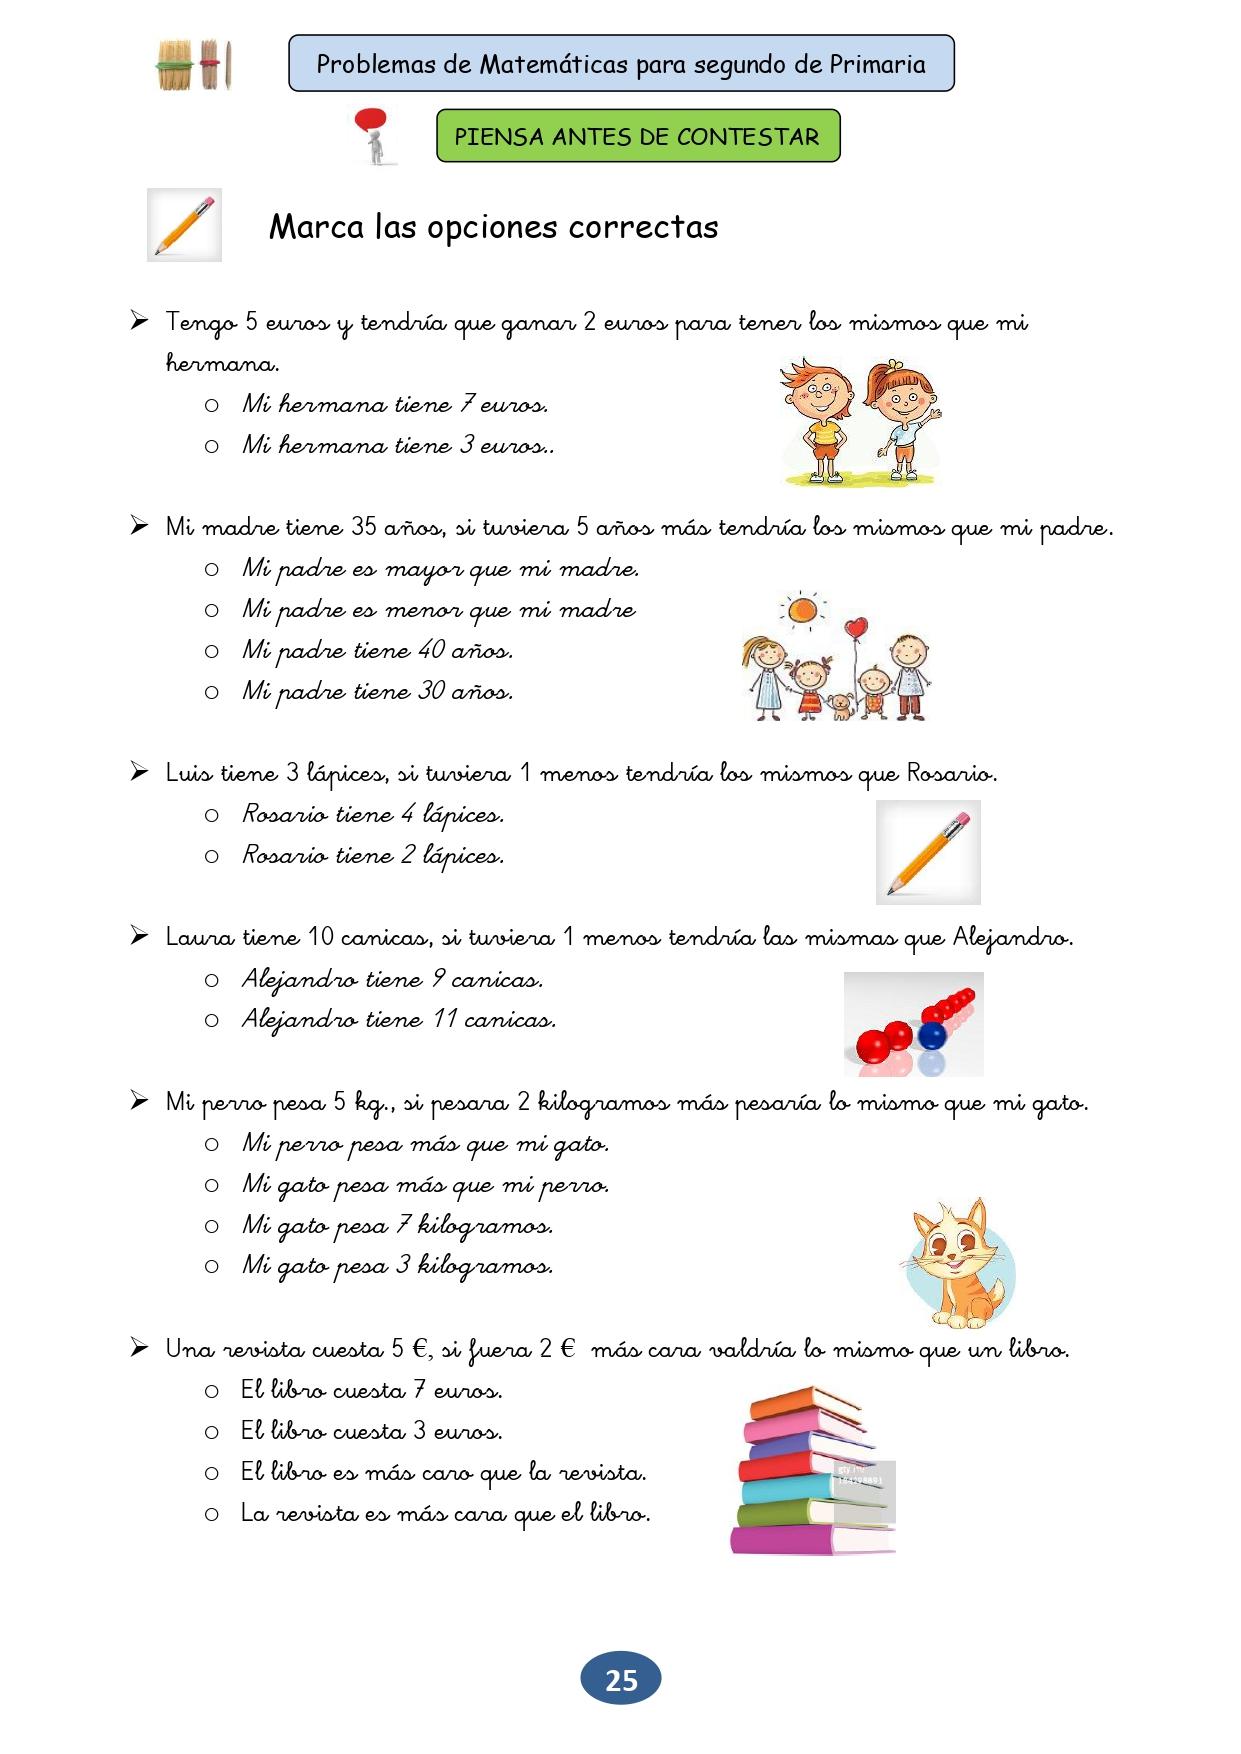 Ejercicios-De-Matem-ticas-Para-Segundo-Grado-De-Primaria-Pdf-25